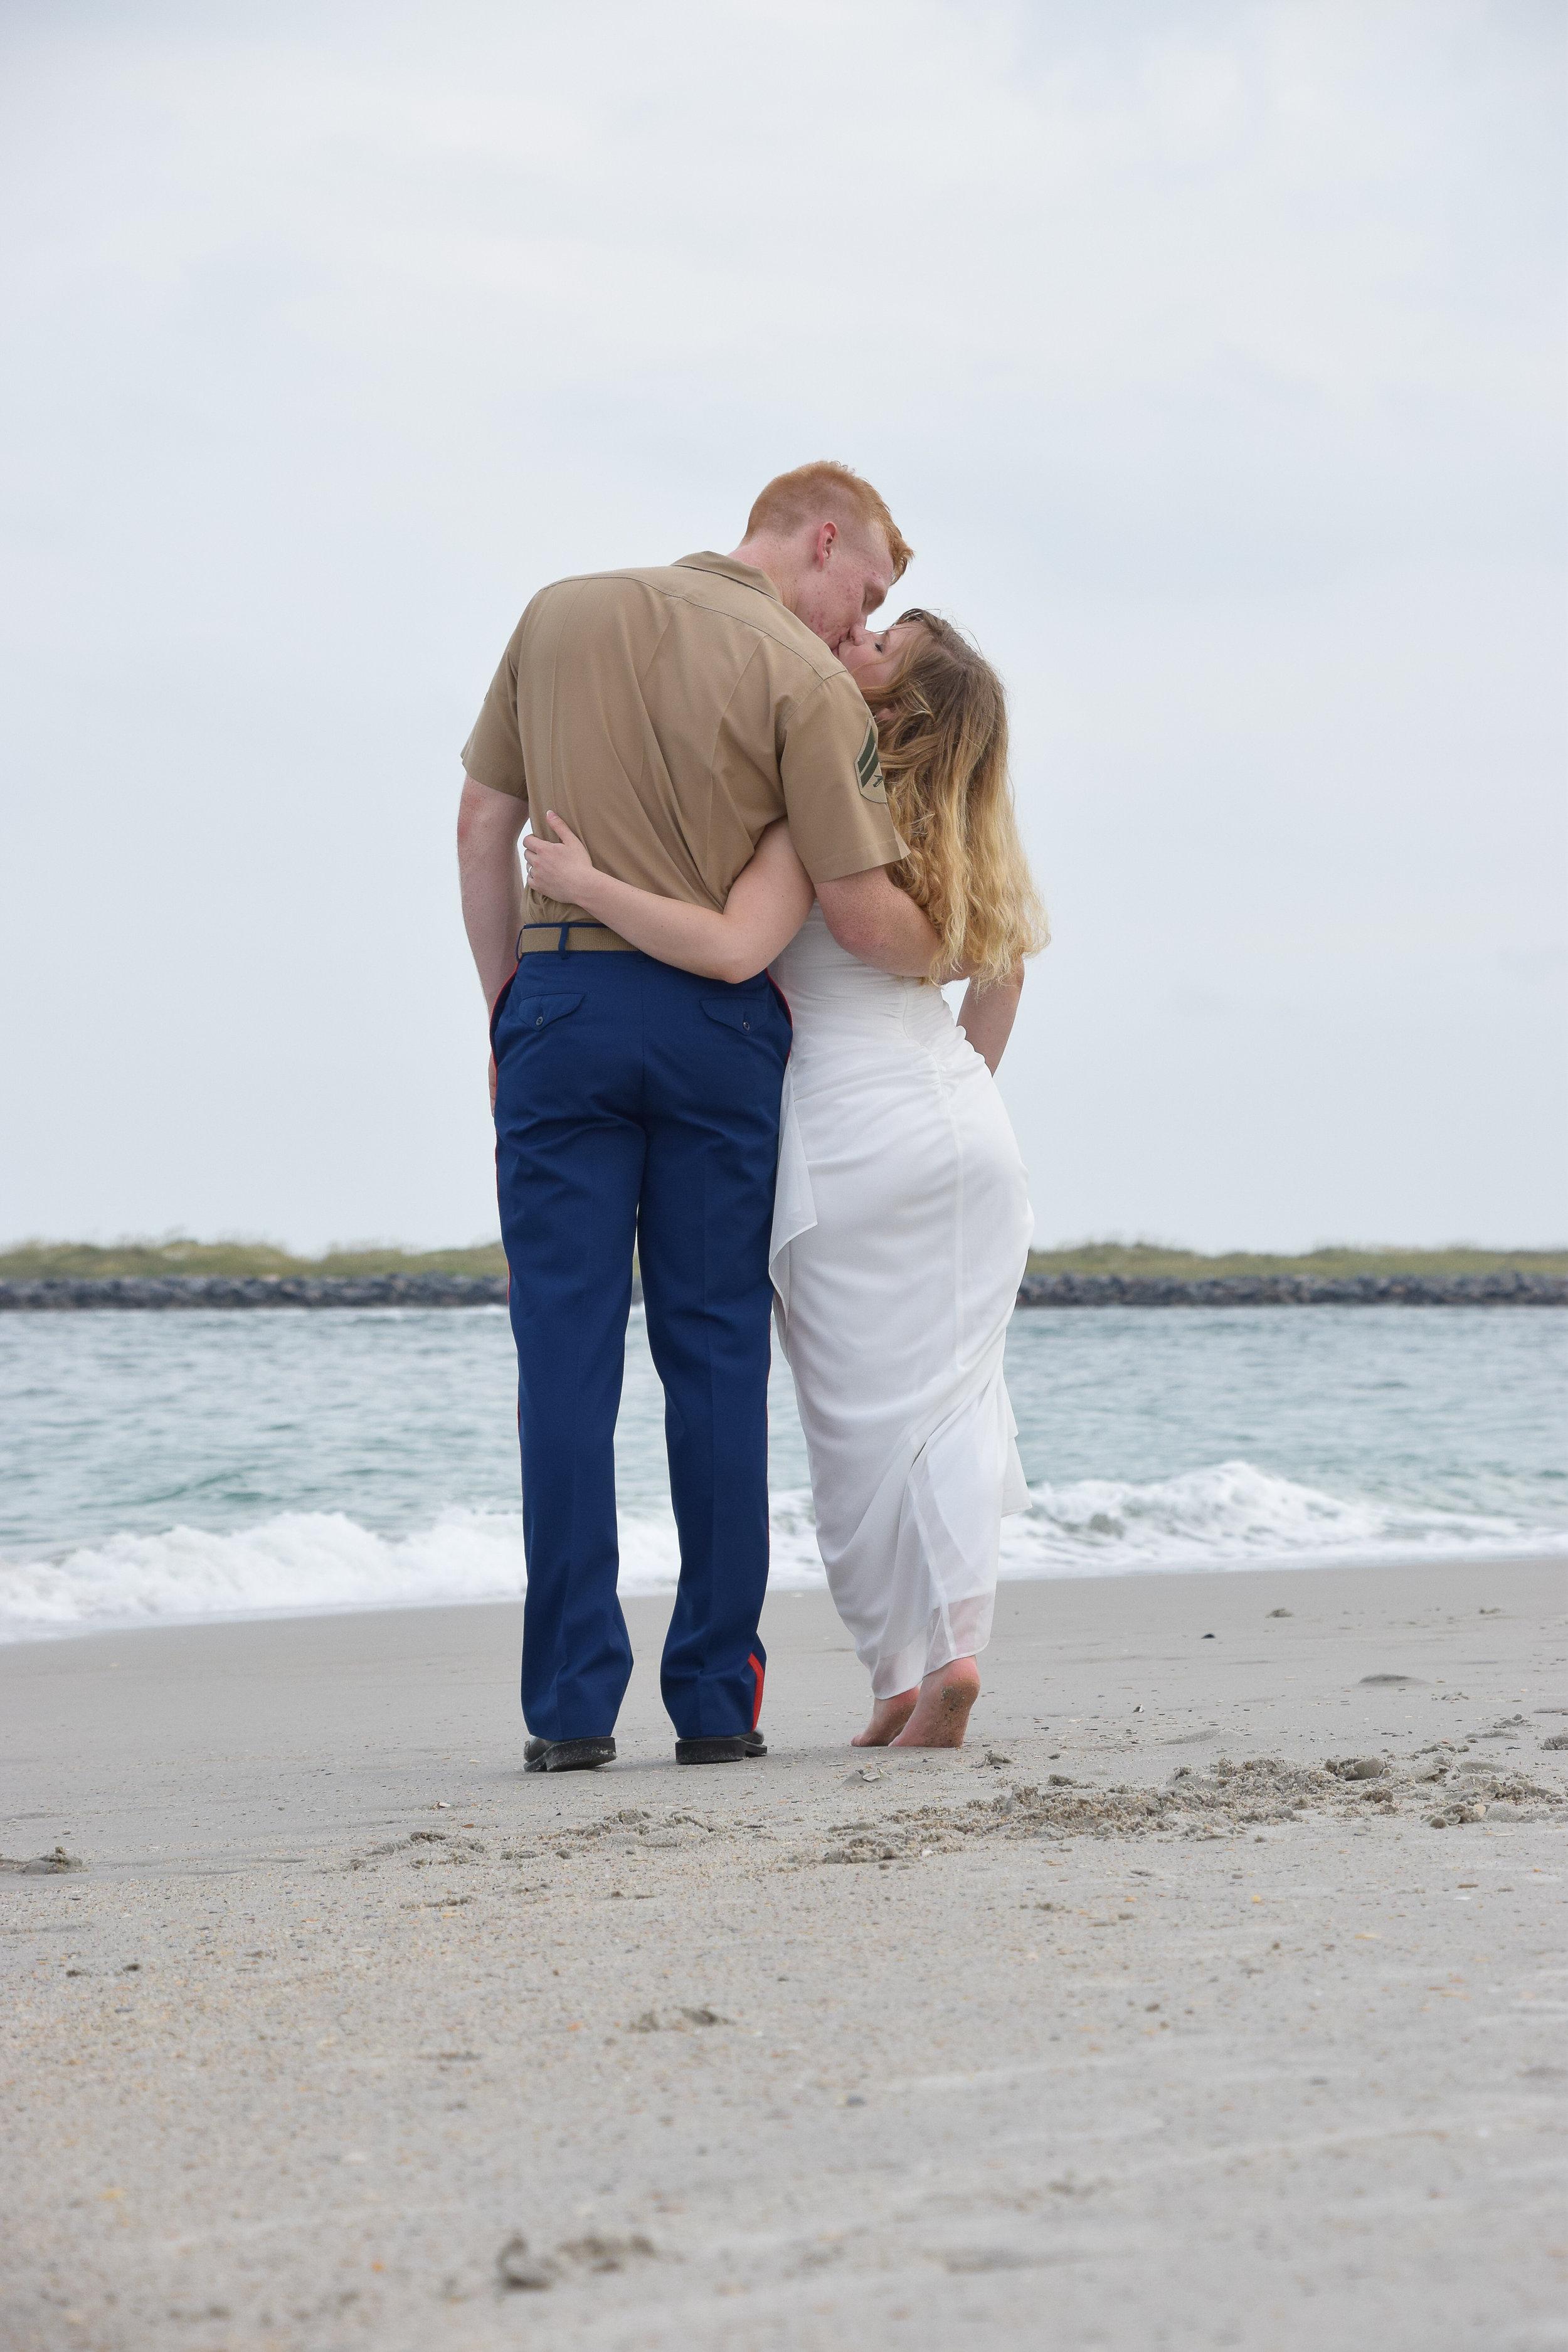 Beach walk and kiss.